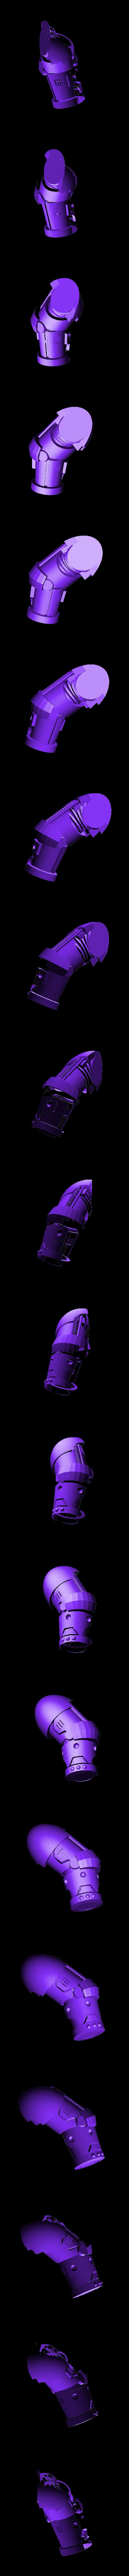 Arm 1 L.stl Télécharger fichier STL gratuit L'équipe des Chevaliers gris Primaris • Modèle pour imprimante 3D, joeldawson93